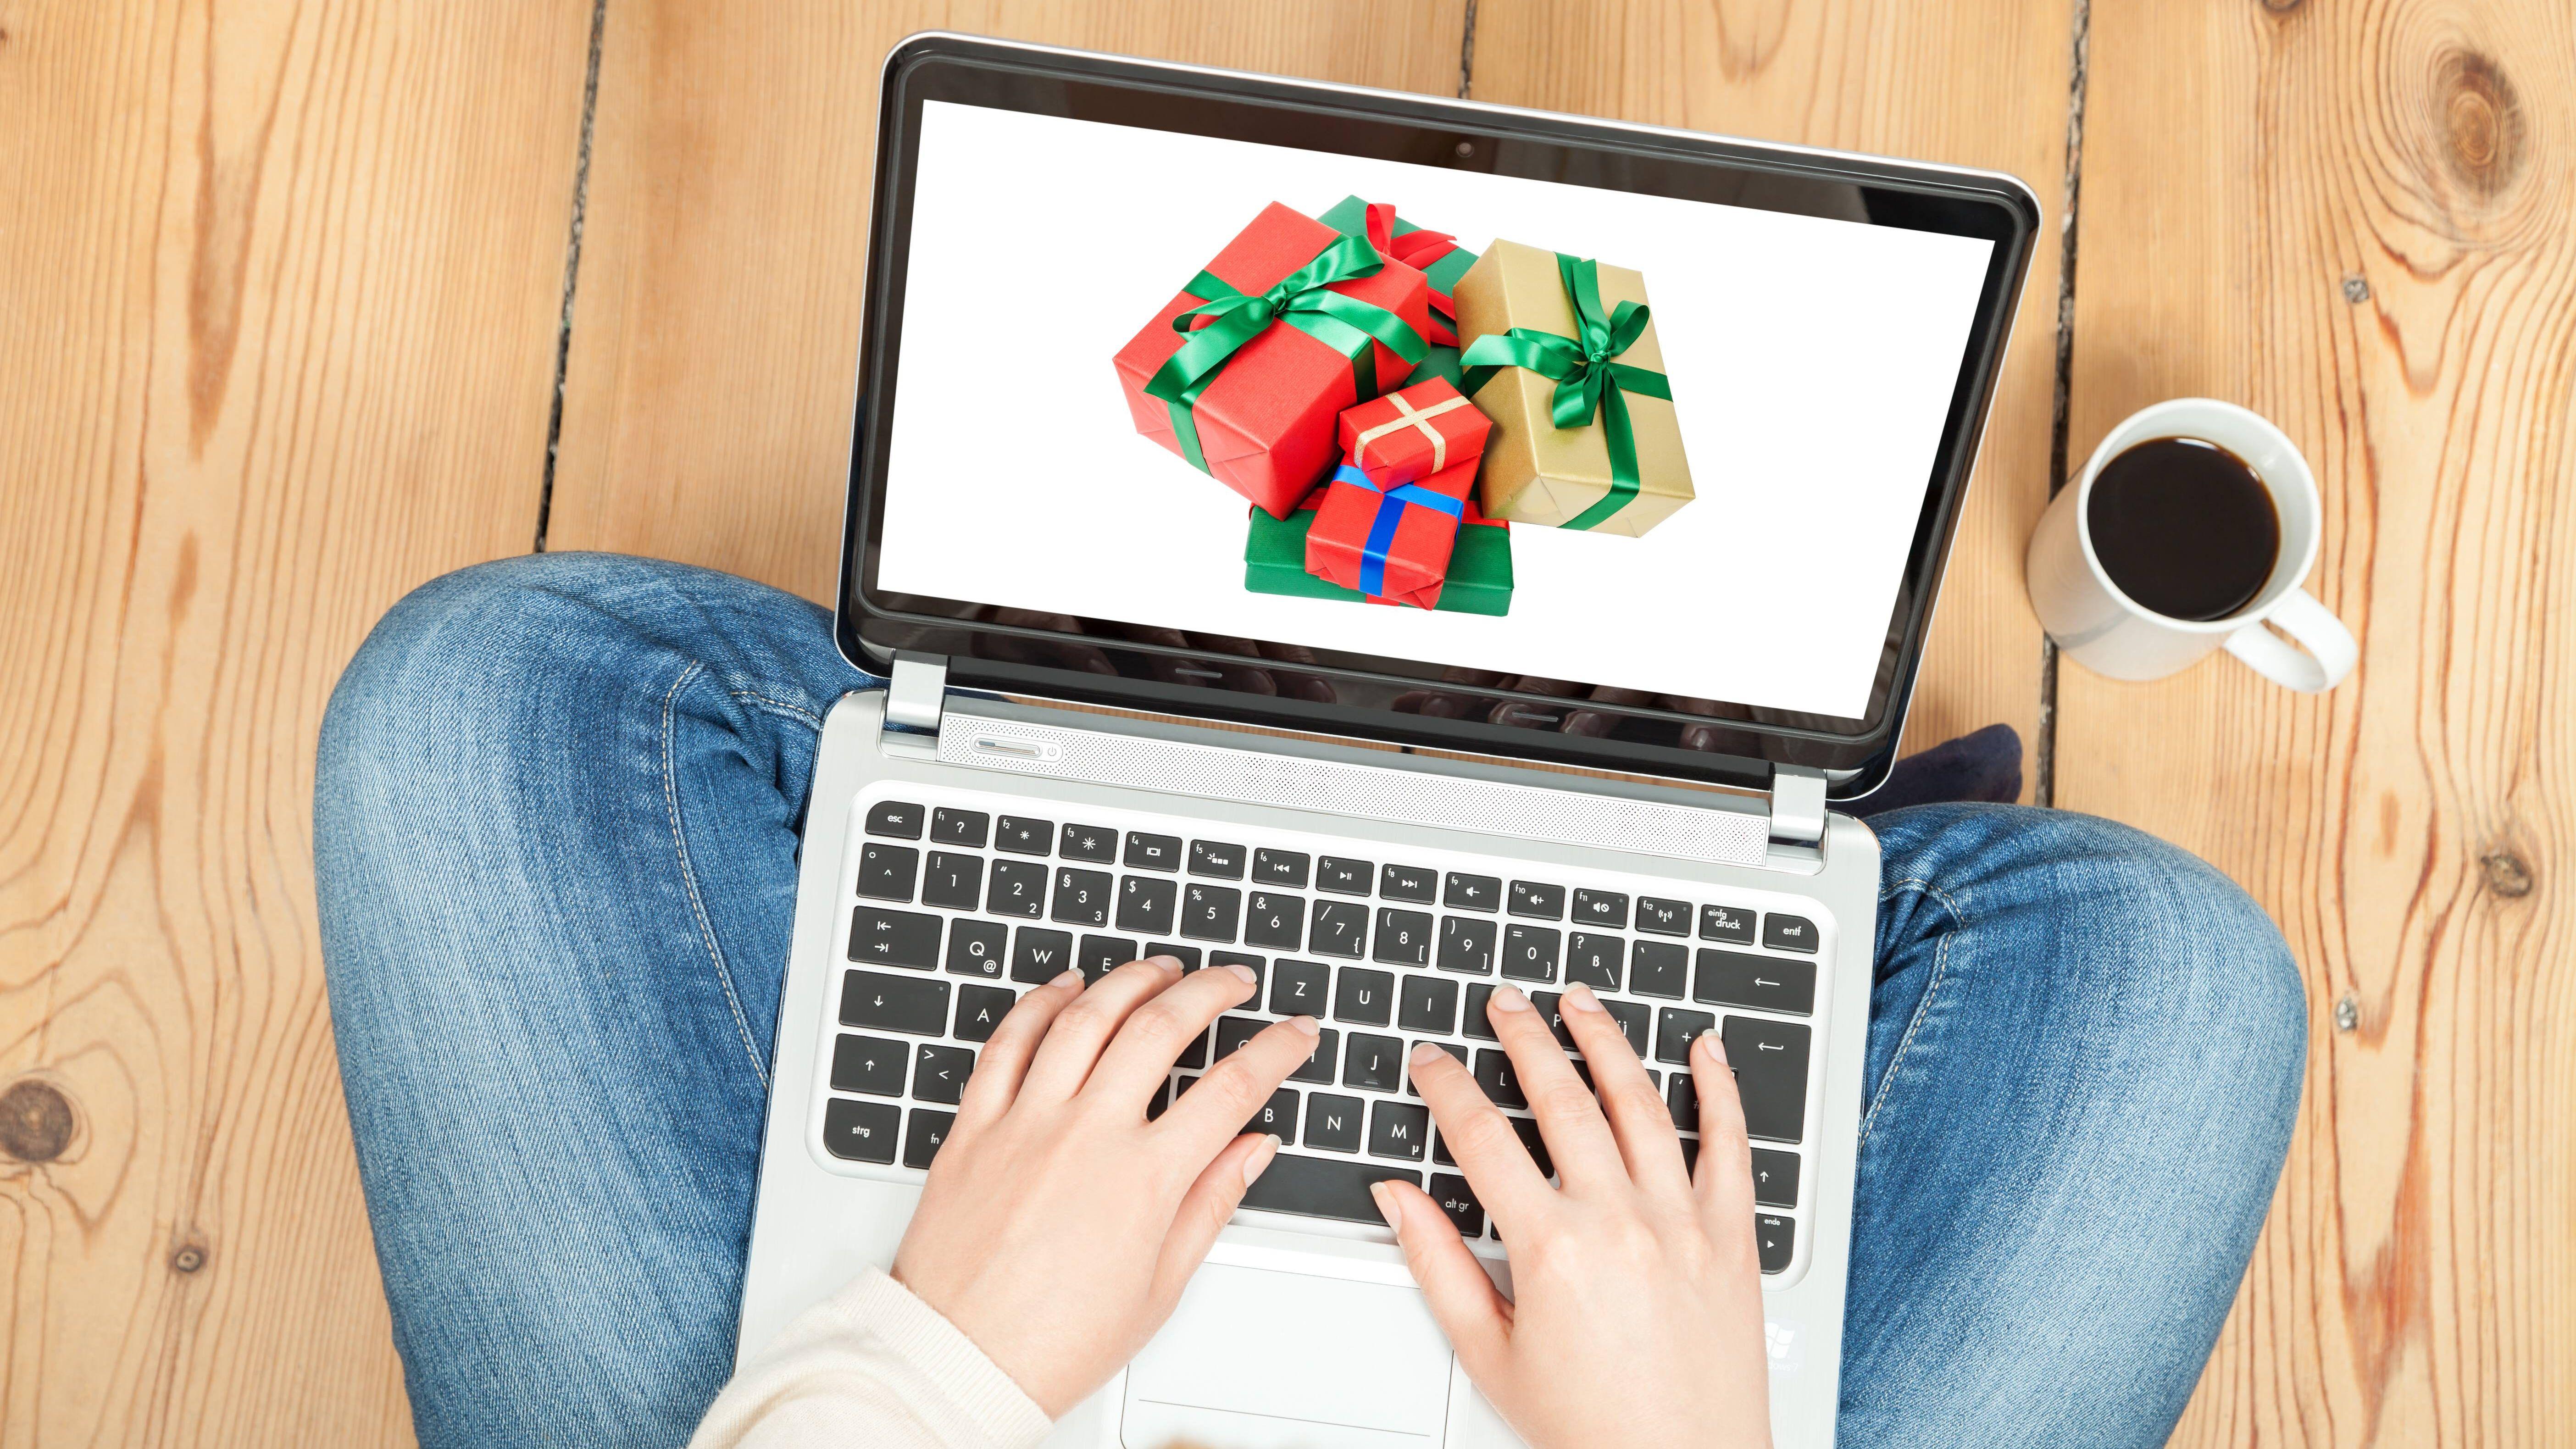 Salesforce-ver-ffentlicht-Holiday-Shopping-Report-2020-Online-Weihnachtsgesch-ft-w-chst-um-50-